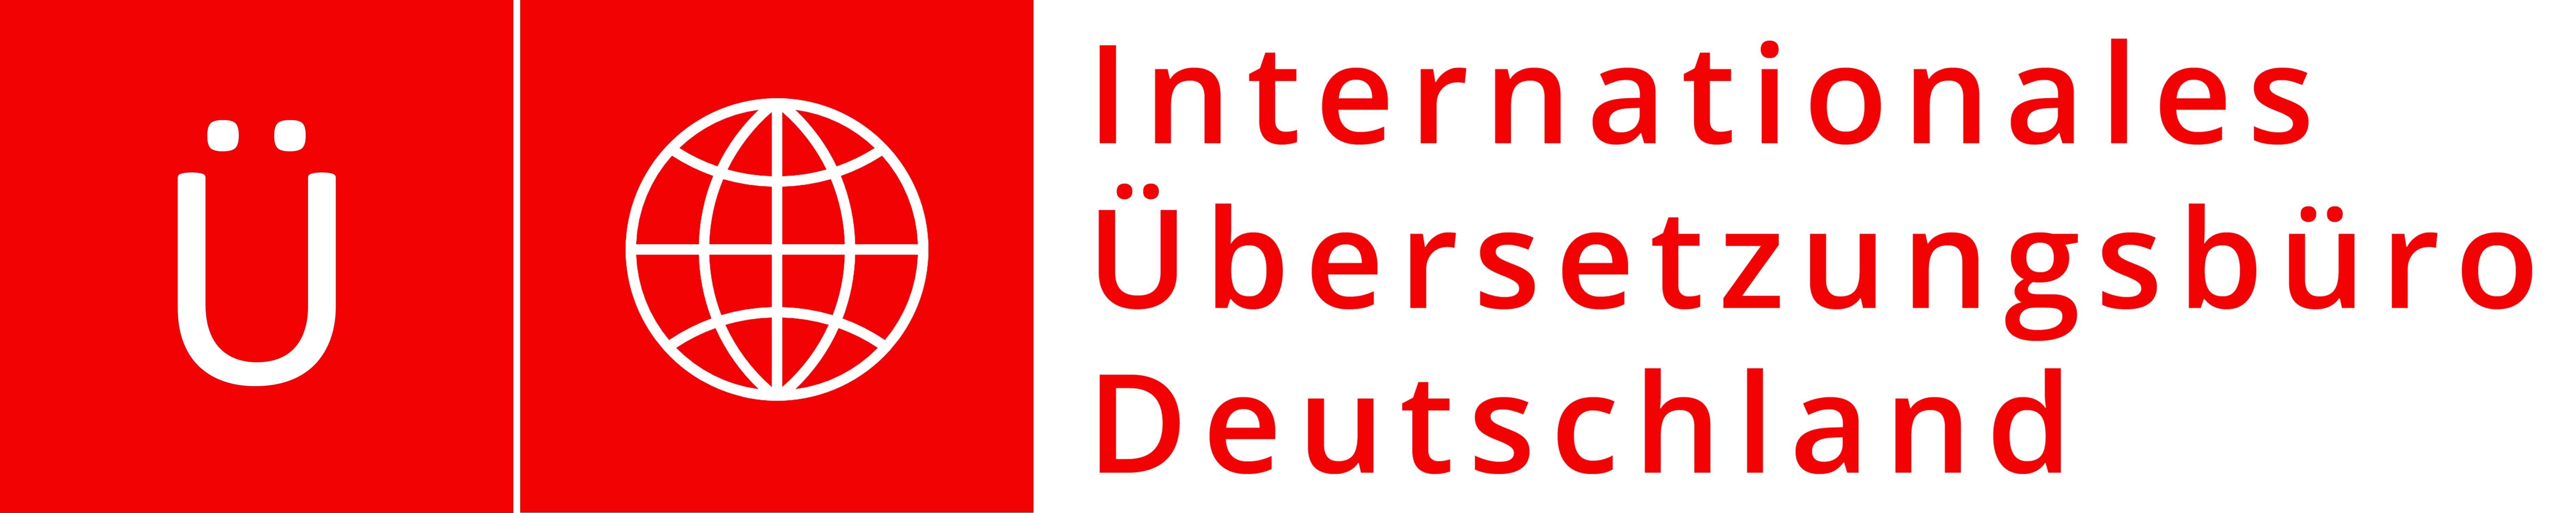 Internationales Übersetzungsbüro Deutschland